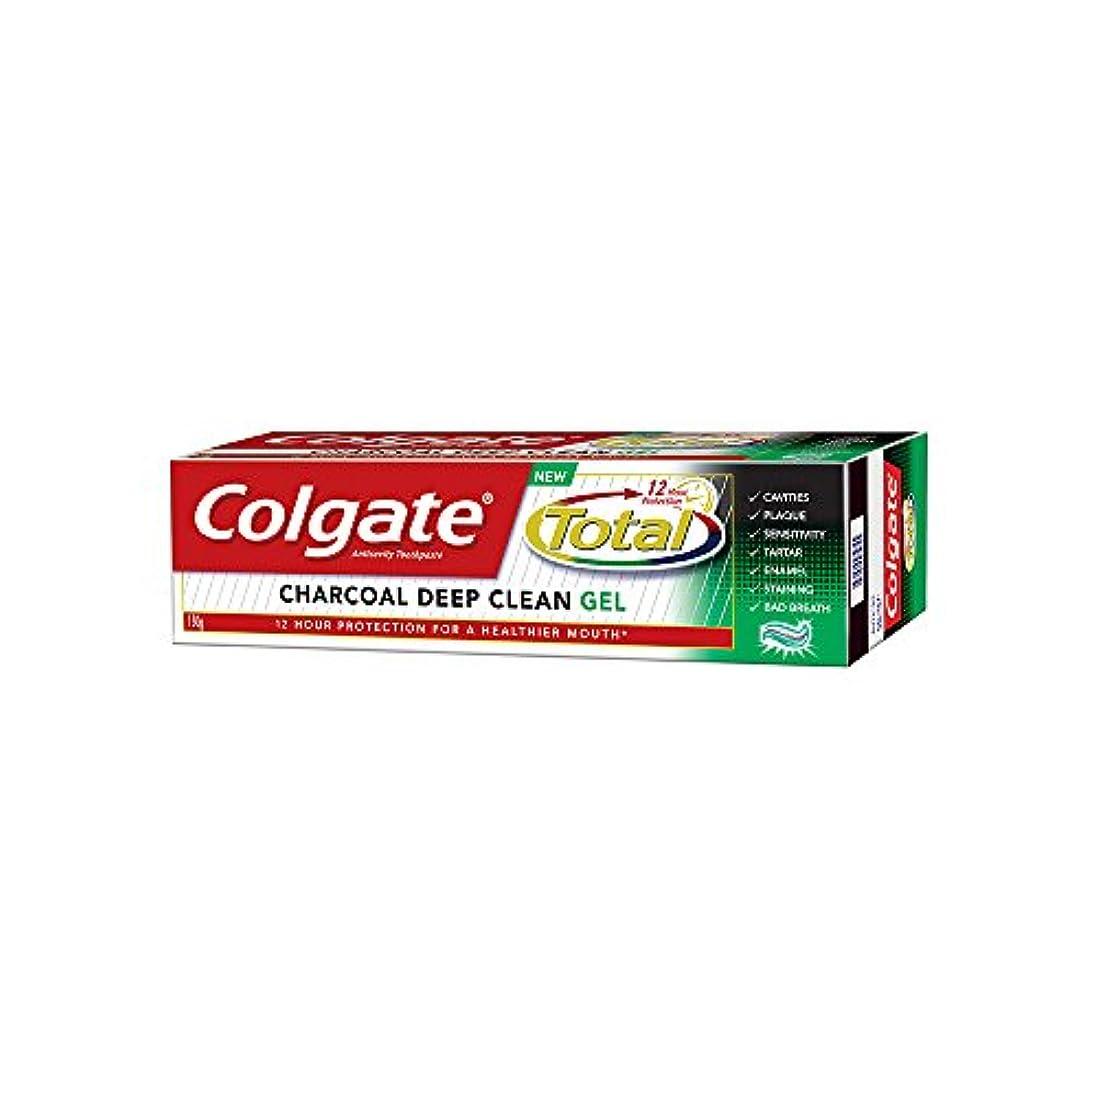 伝統保証金噴水(コルゲート)Colgate CHARCOAL DEEP CLEAN GEL 歯磨き粉 Total (150g, チャコール ディープクリーン)